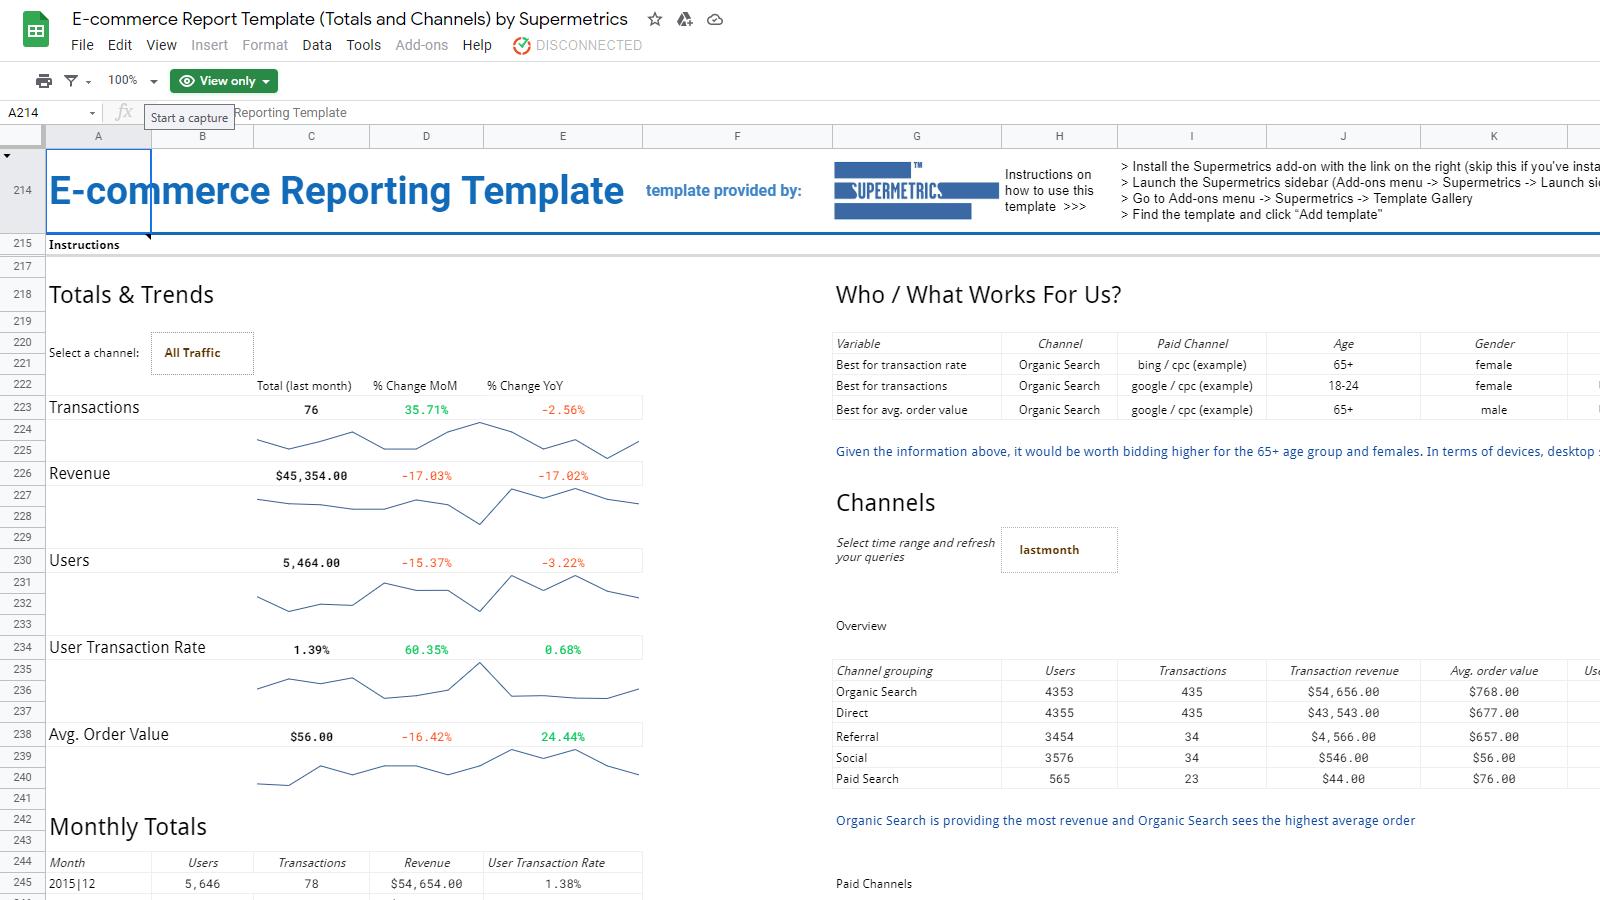 E-commerce Report Template